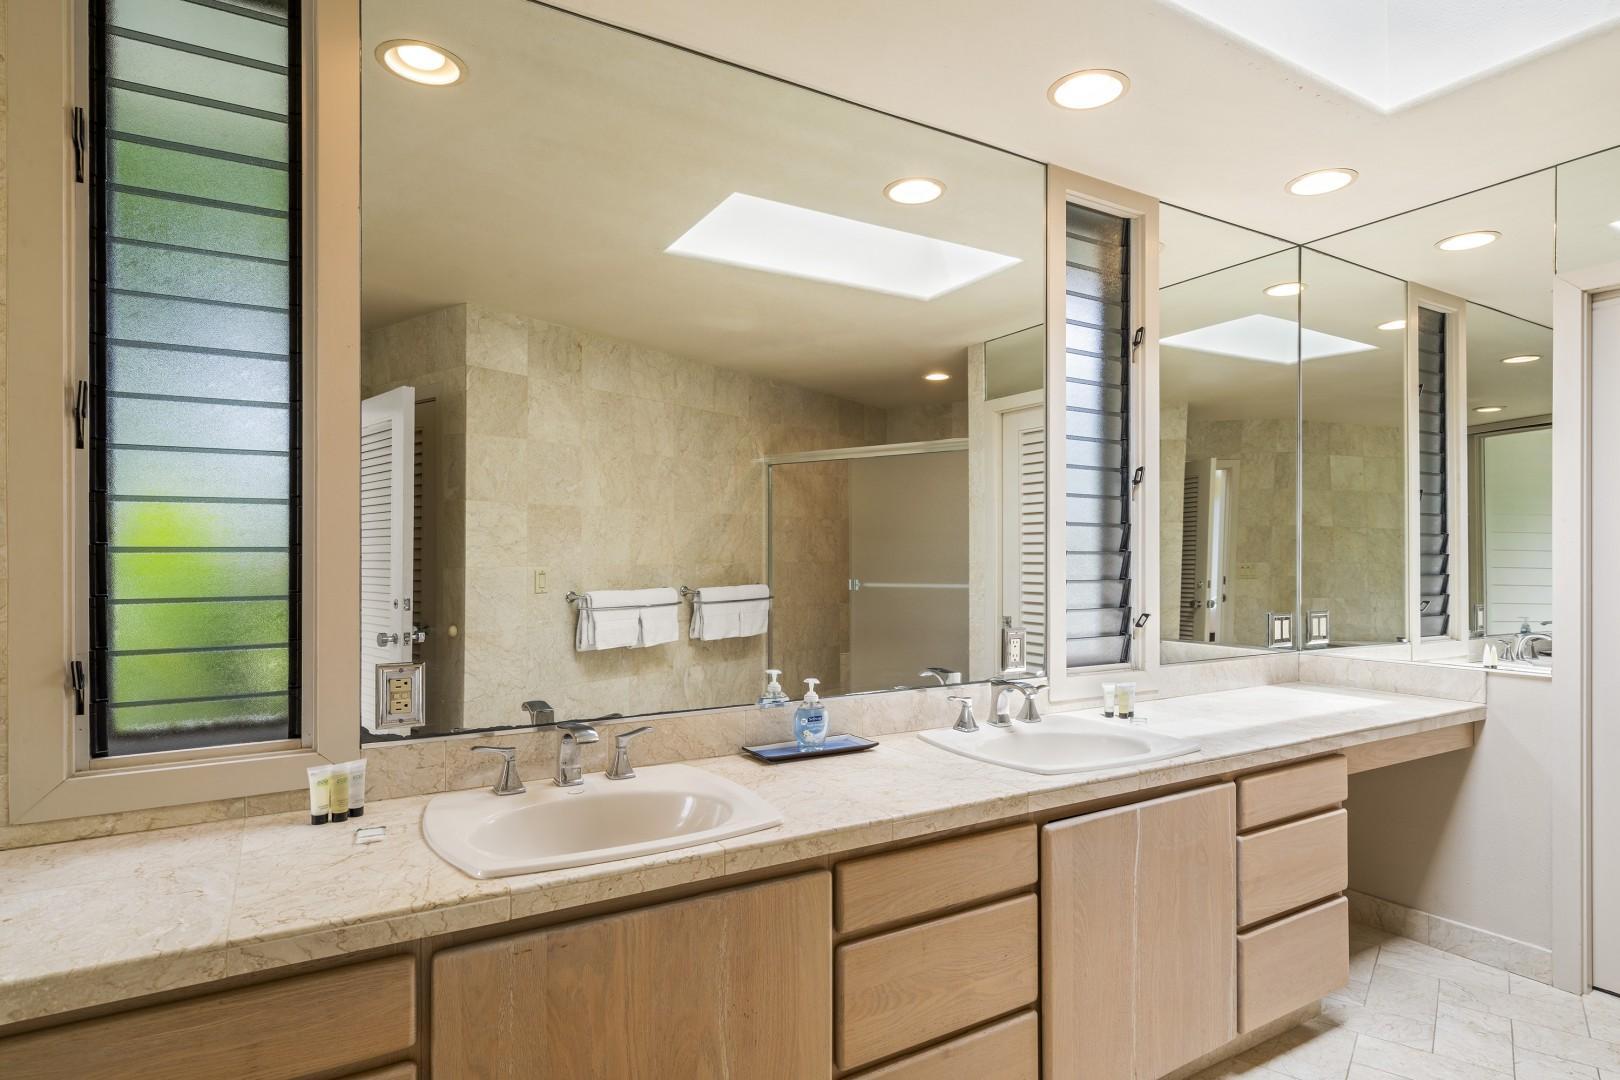 Master bathroom ensuite with Dual vanities